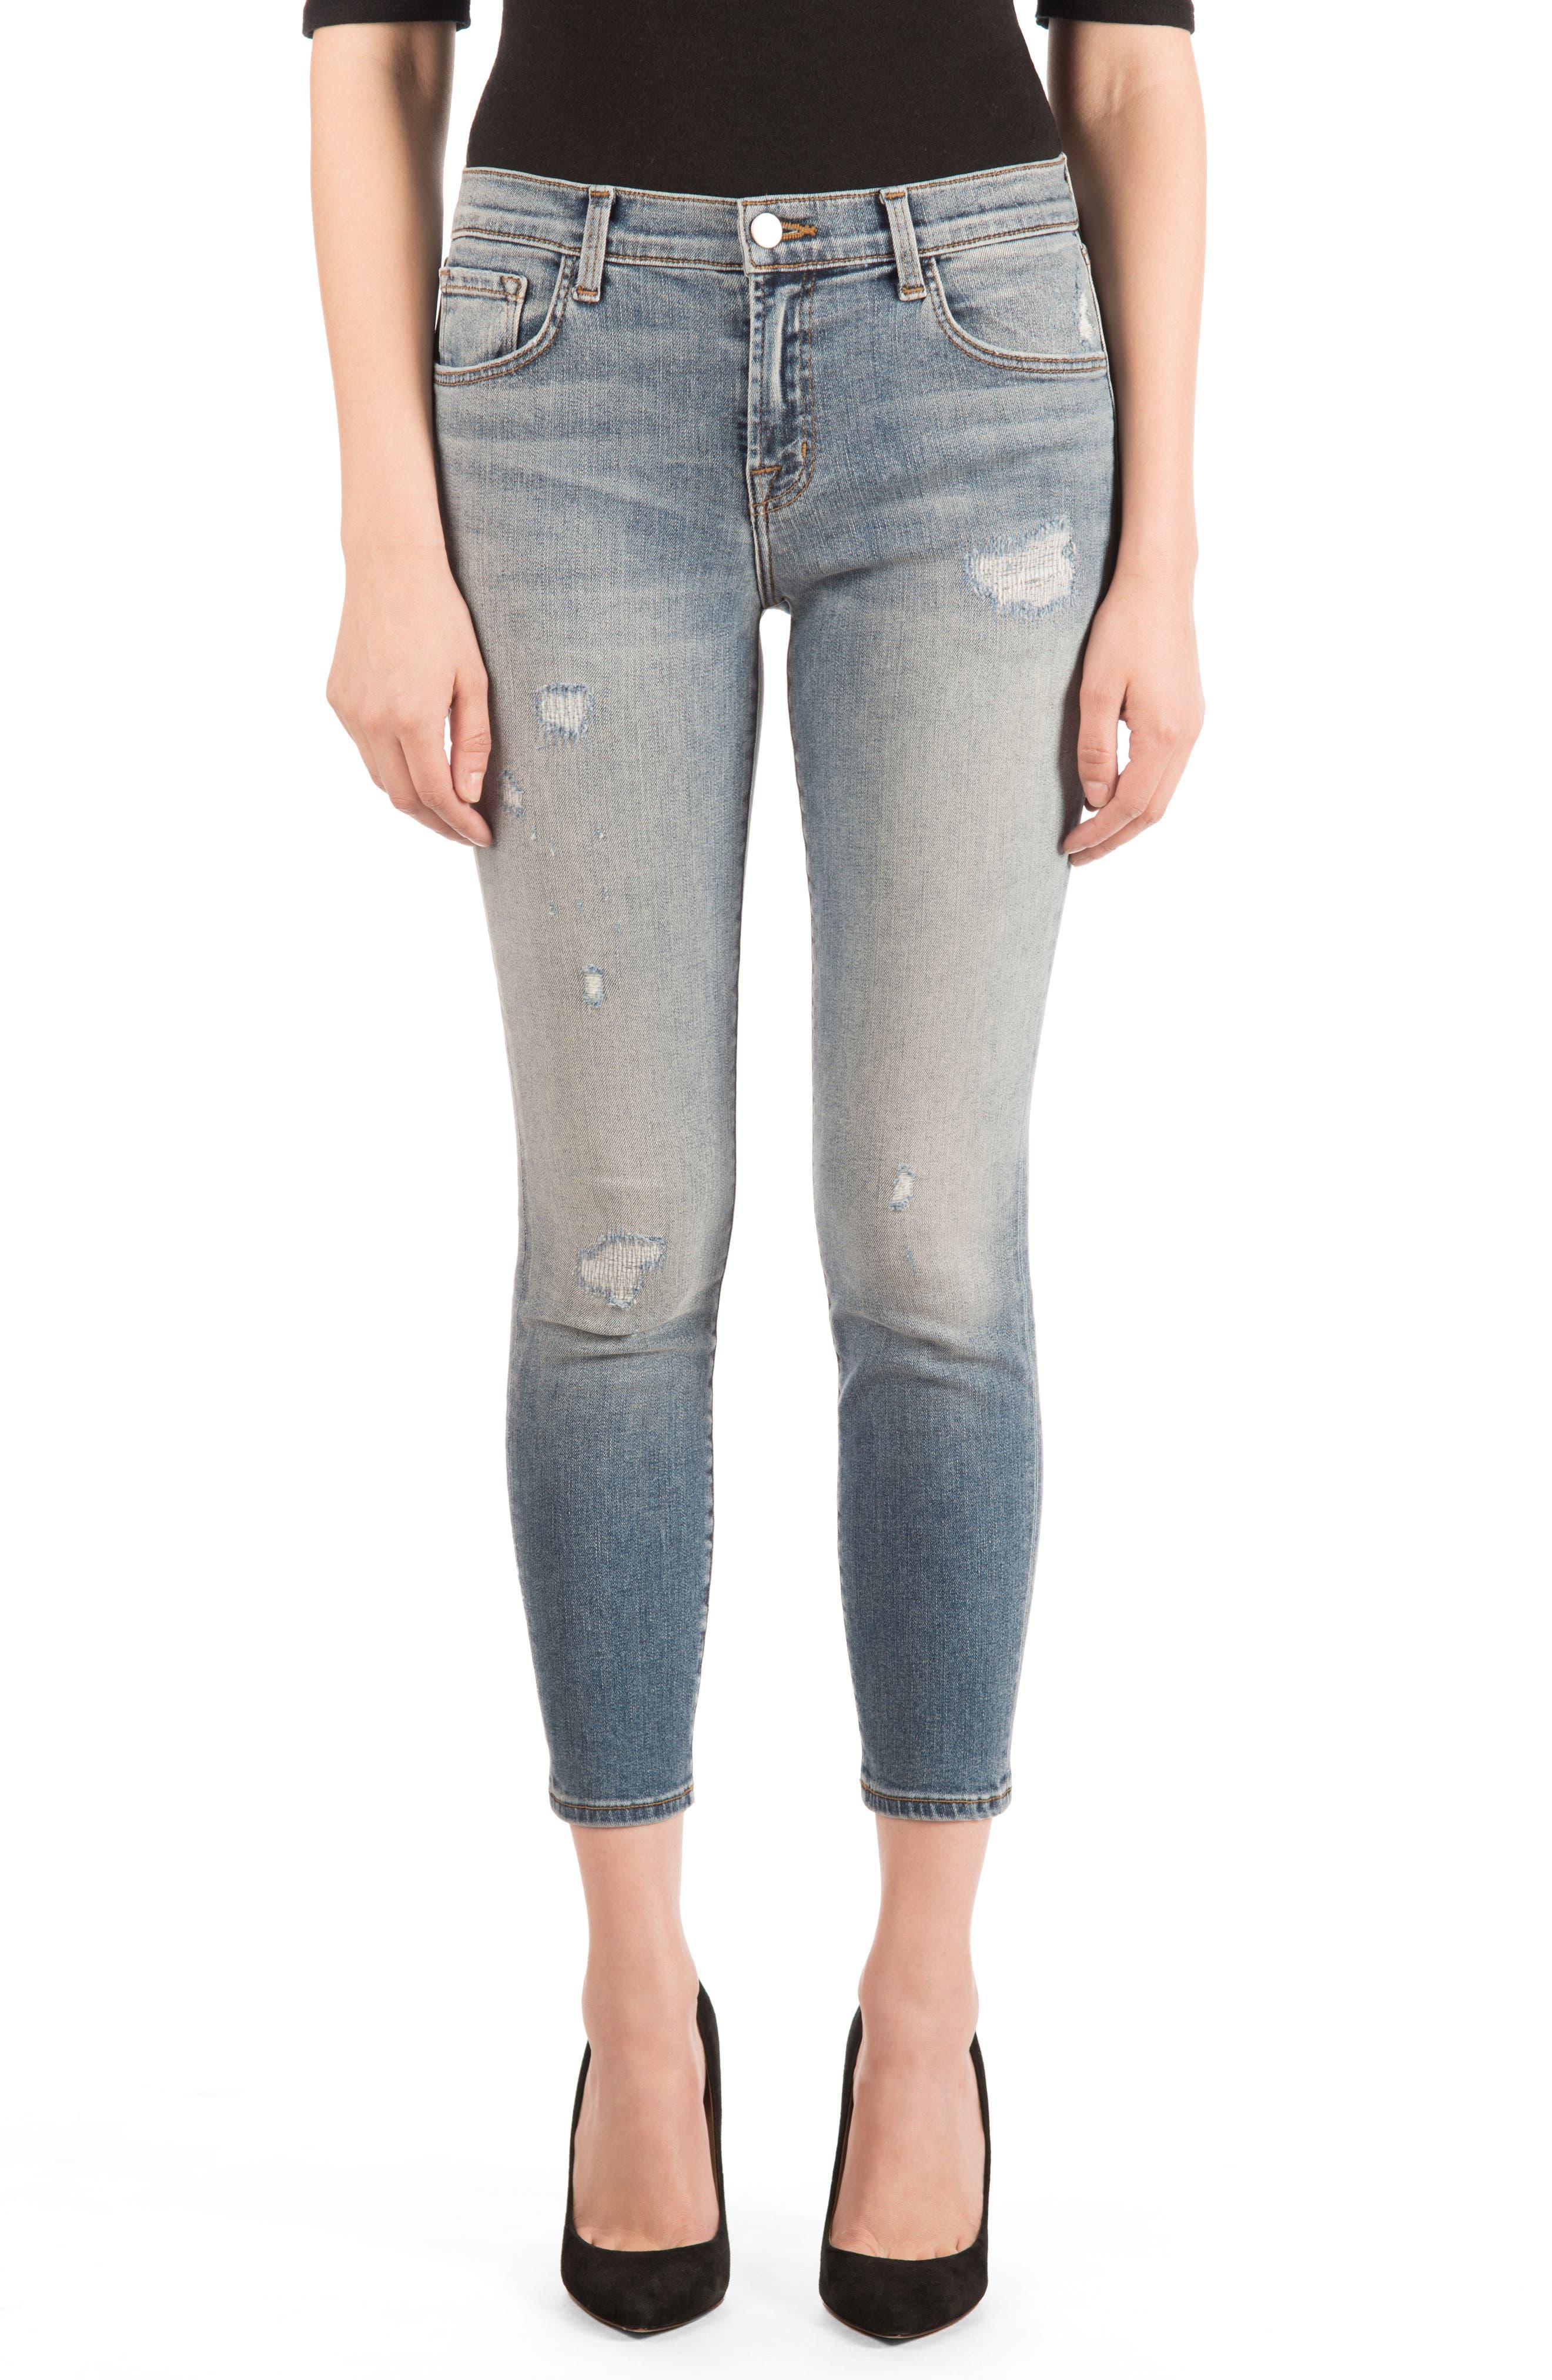 835 Distressed Capri Skinny Jeans,                             Main thumbnail 1, color,                             Nolita